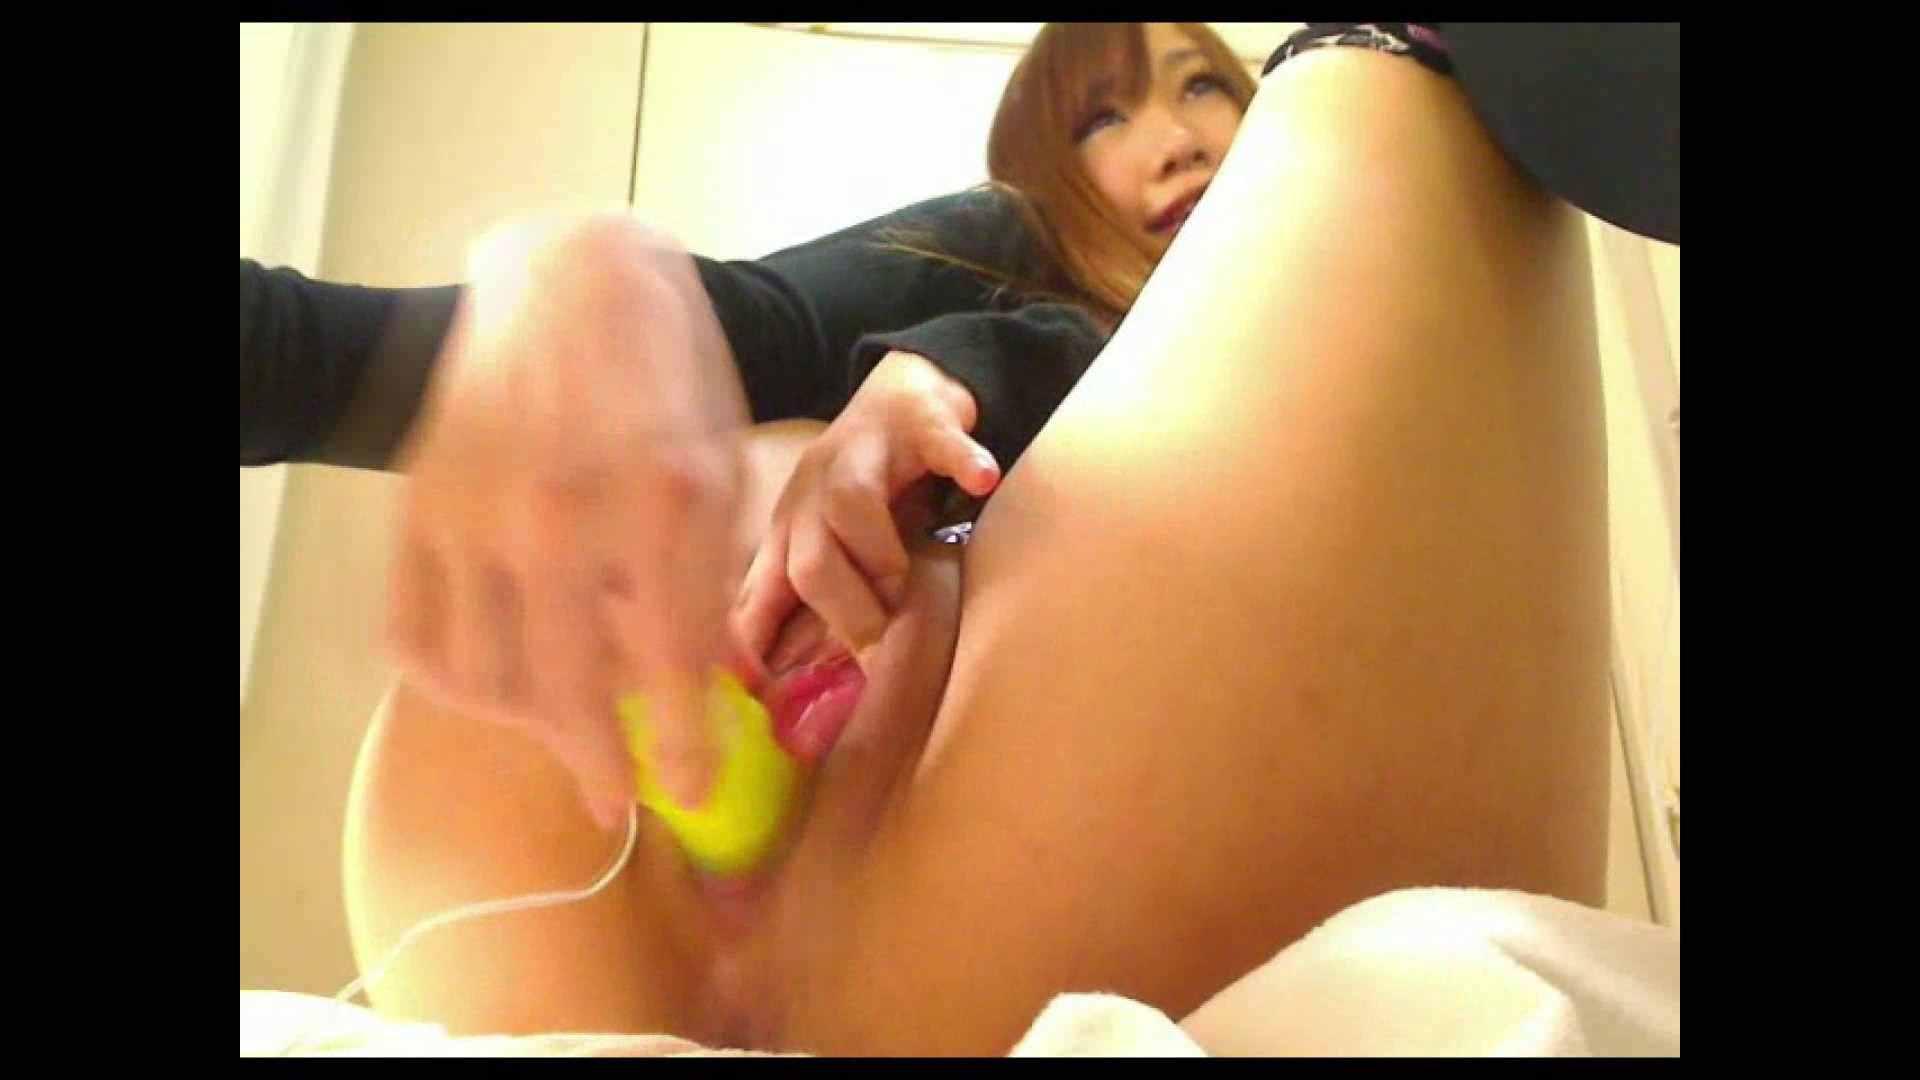 アヘ顔のわたしってどうかしら Vol.10 お色気美女   オナニー特別編  81枚 61